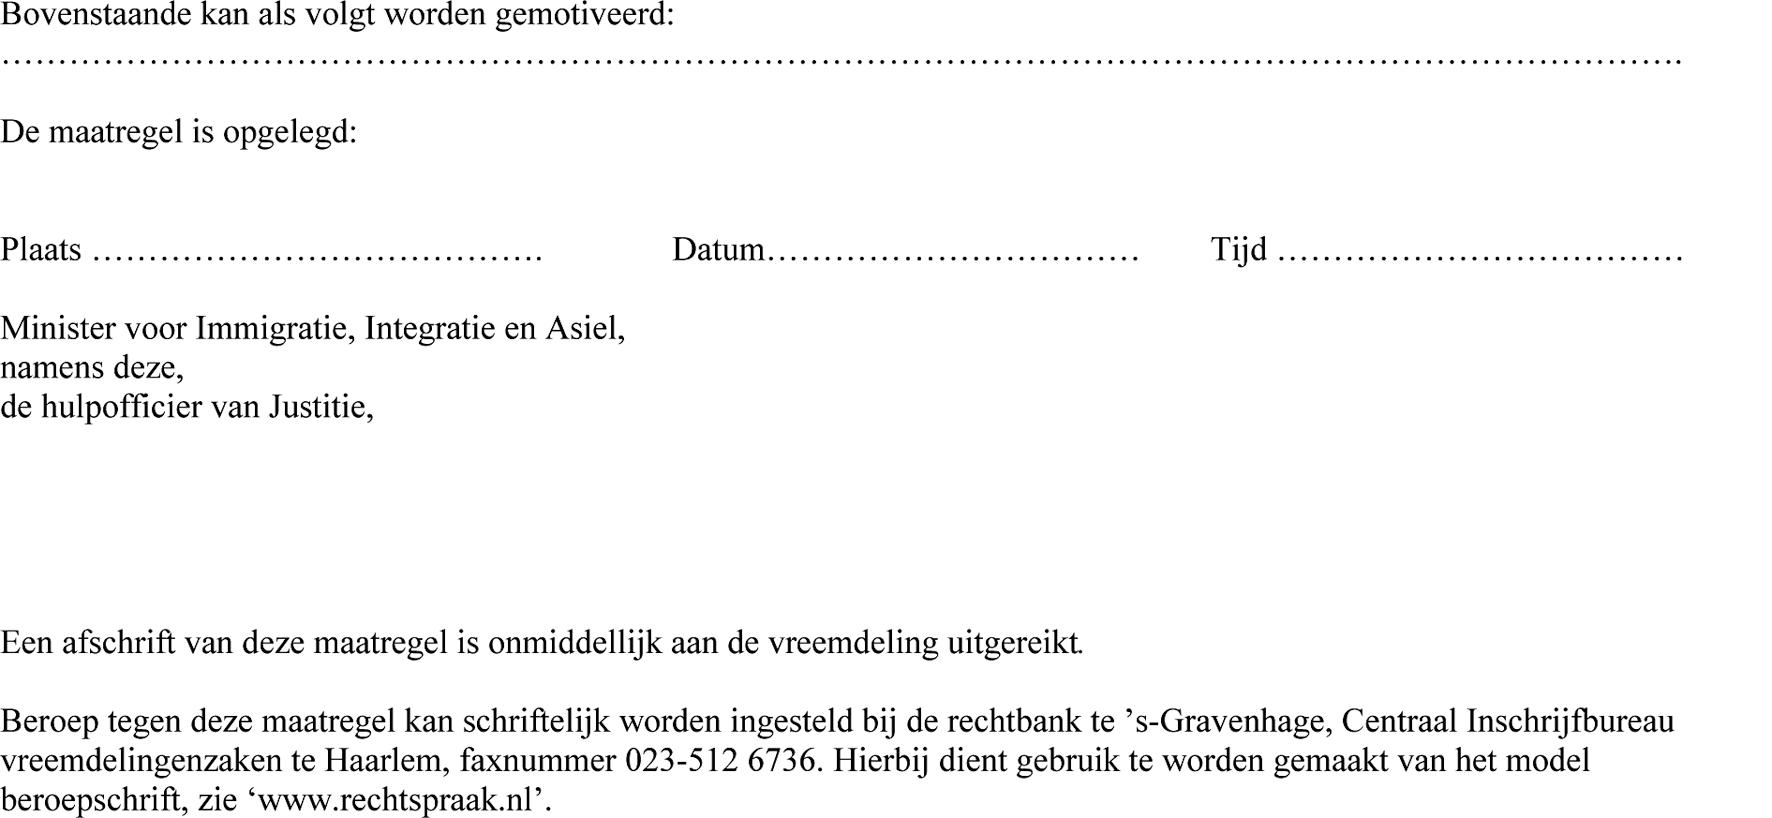 voorbeeldbrief afspraak verzetten voorbeeldbrief afspraak maken   voorbeeldbrief herinnering  voorbeeldbrief afspraak verzetten